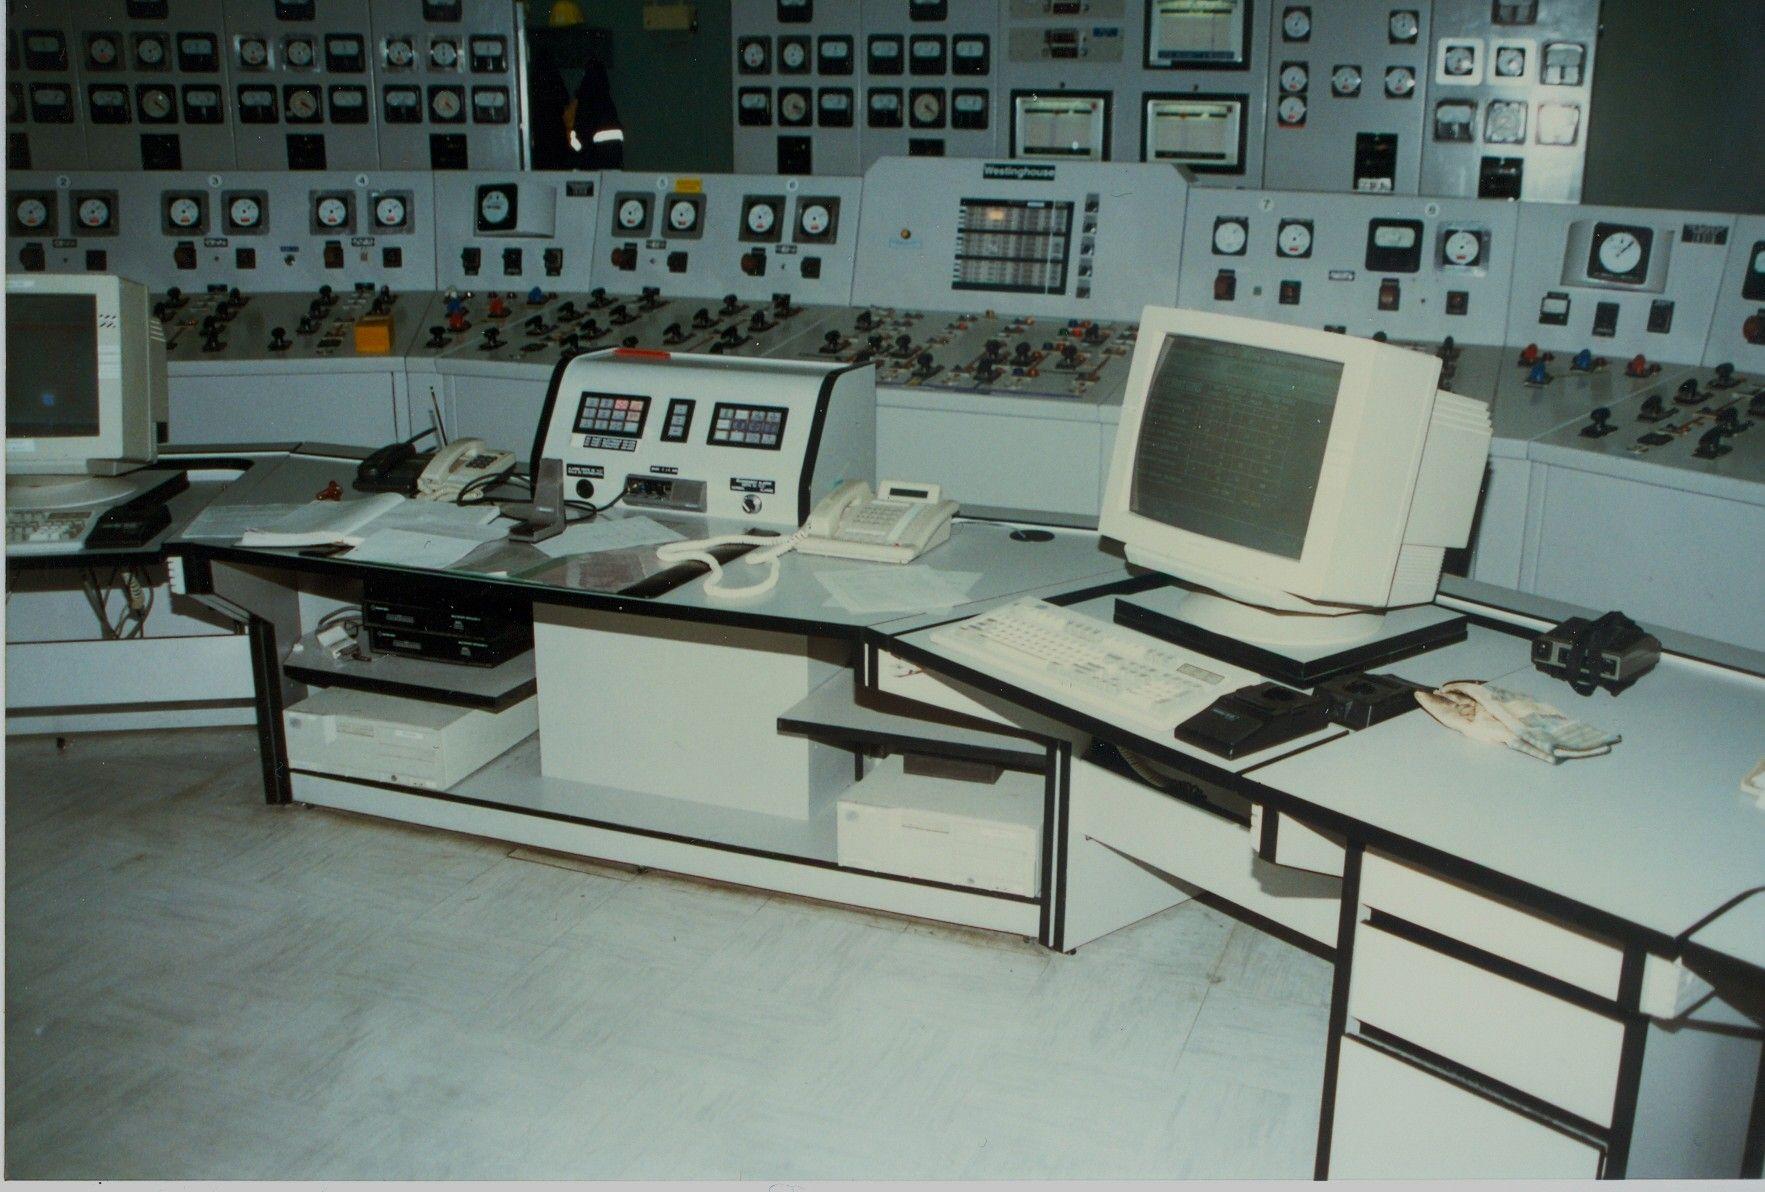 Poste de contrôle ergonomique ajustable en hauteur - Centrale électrique de Shipshaw (Québec, Canada) de Rio Tinto Alcan